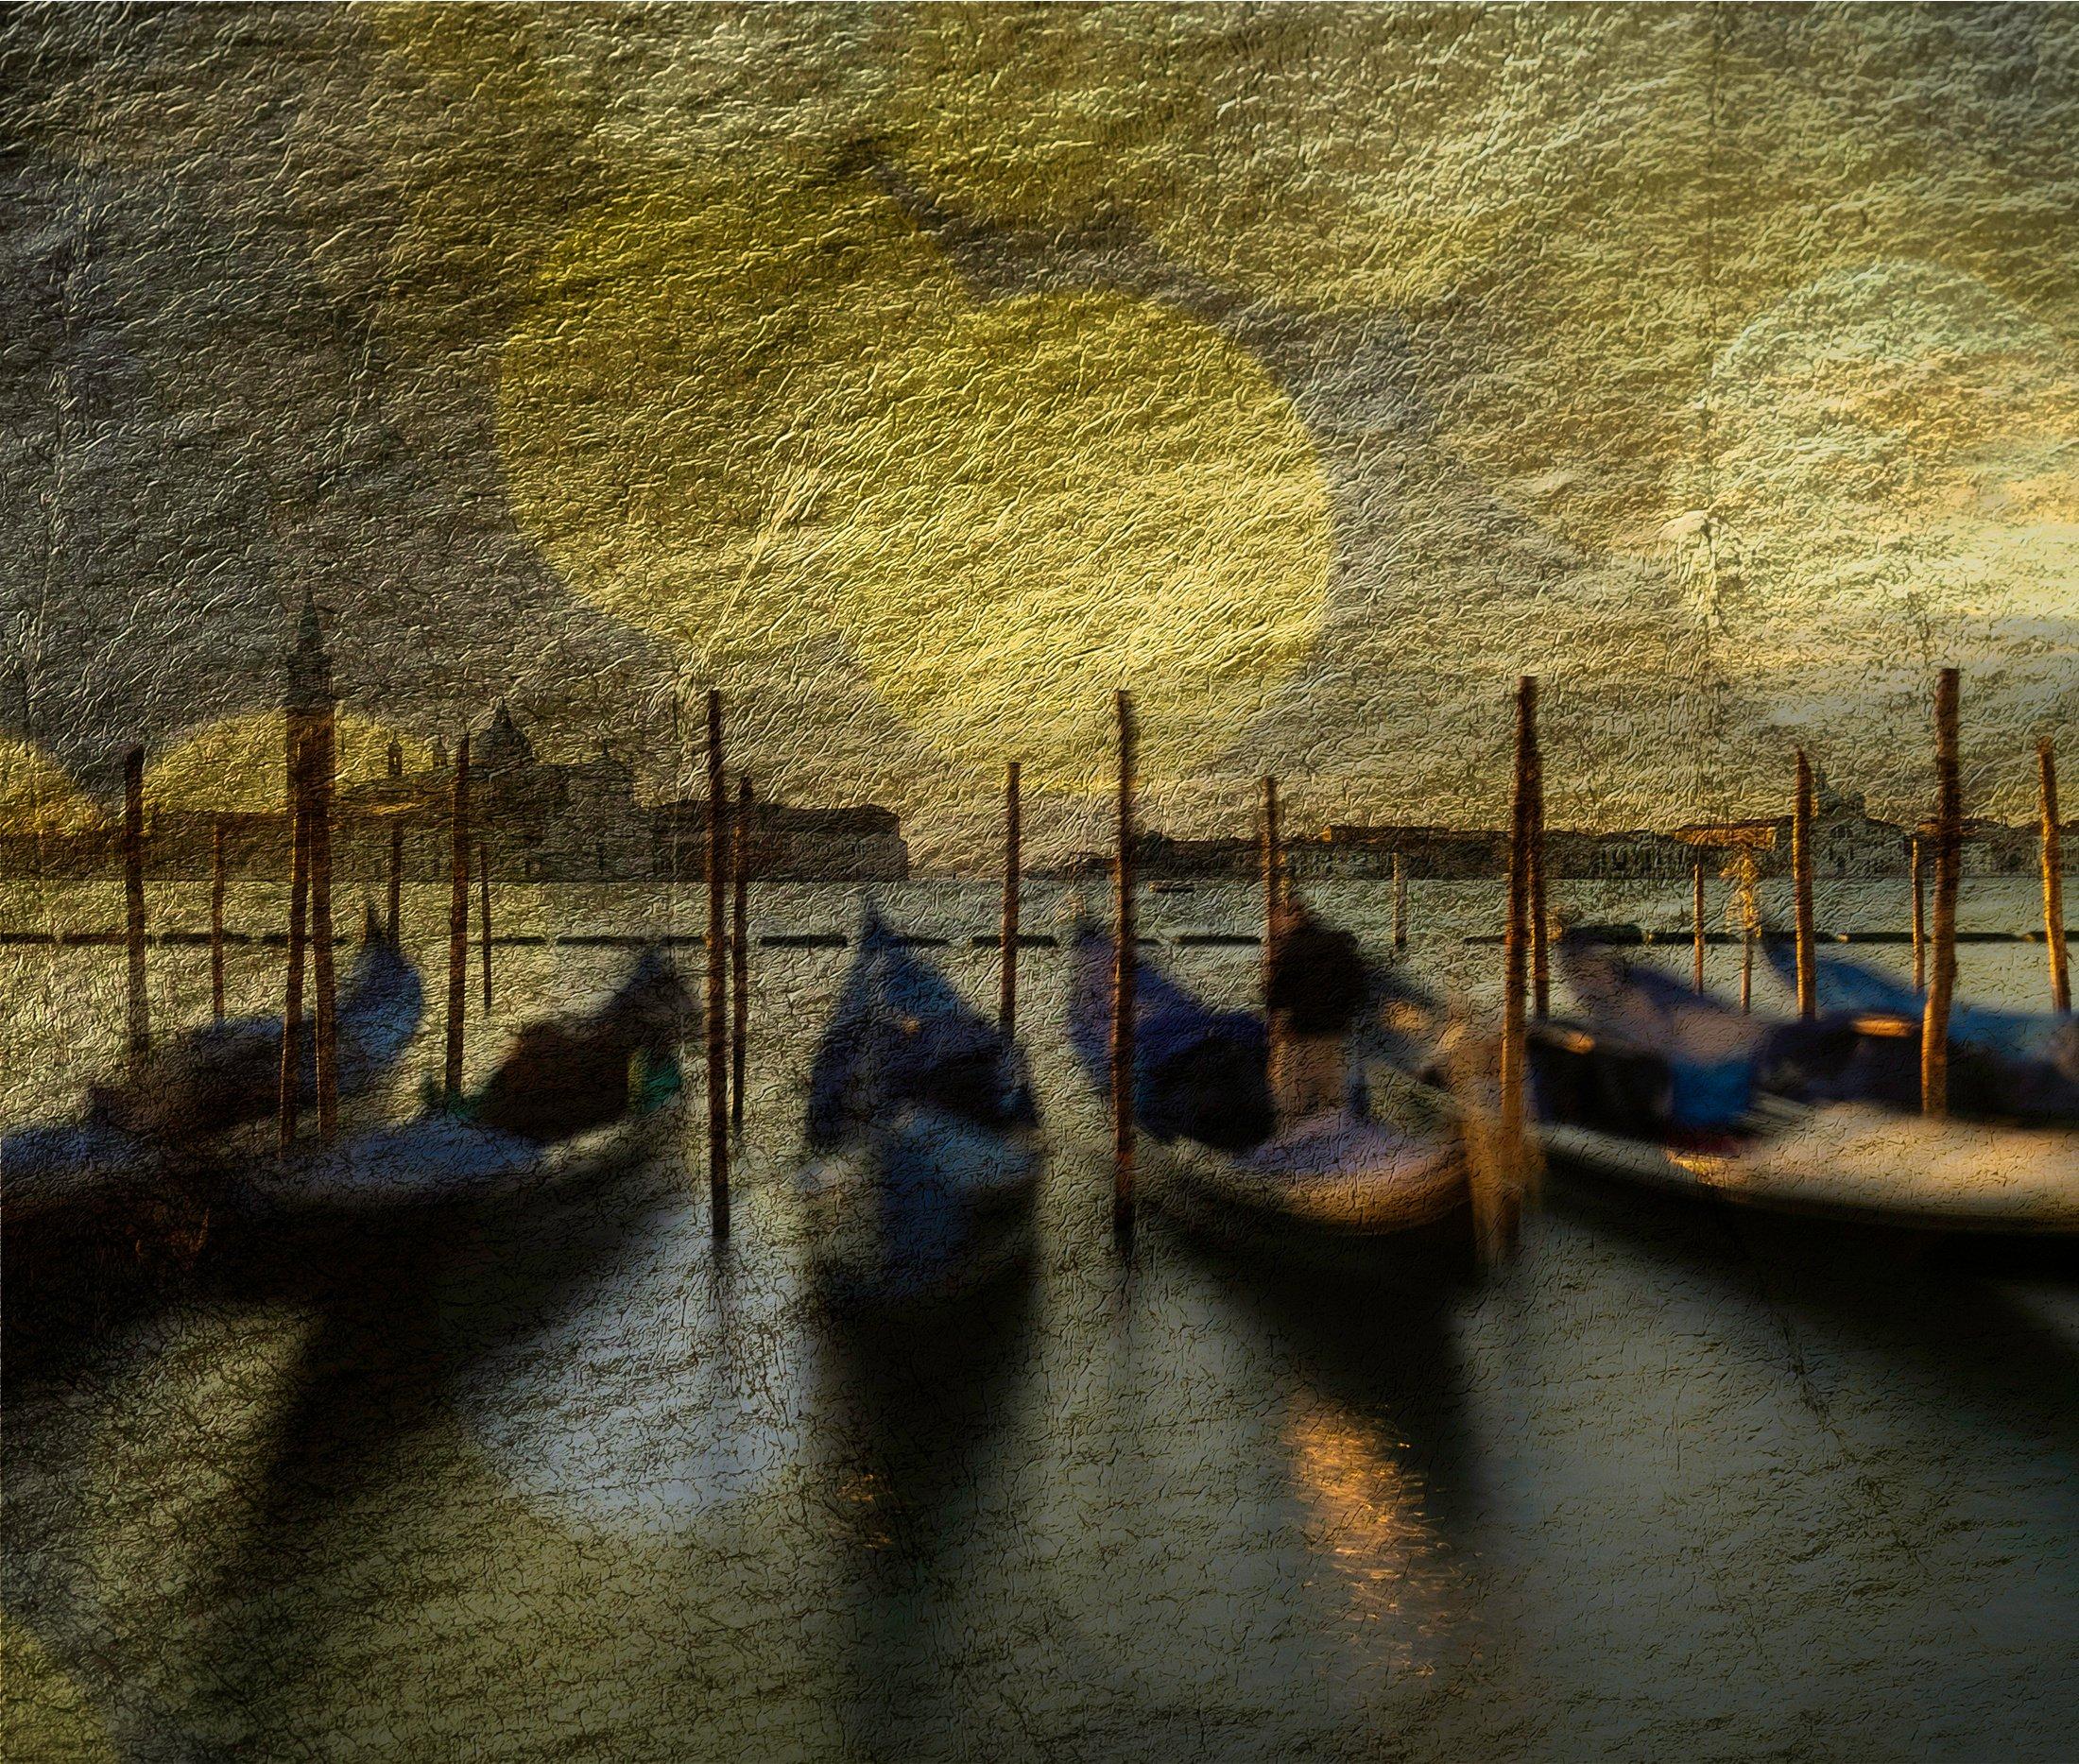 Bobbing in the Moonlight, Venice